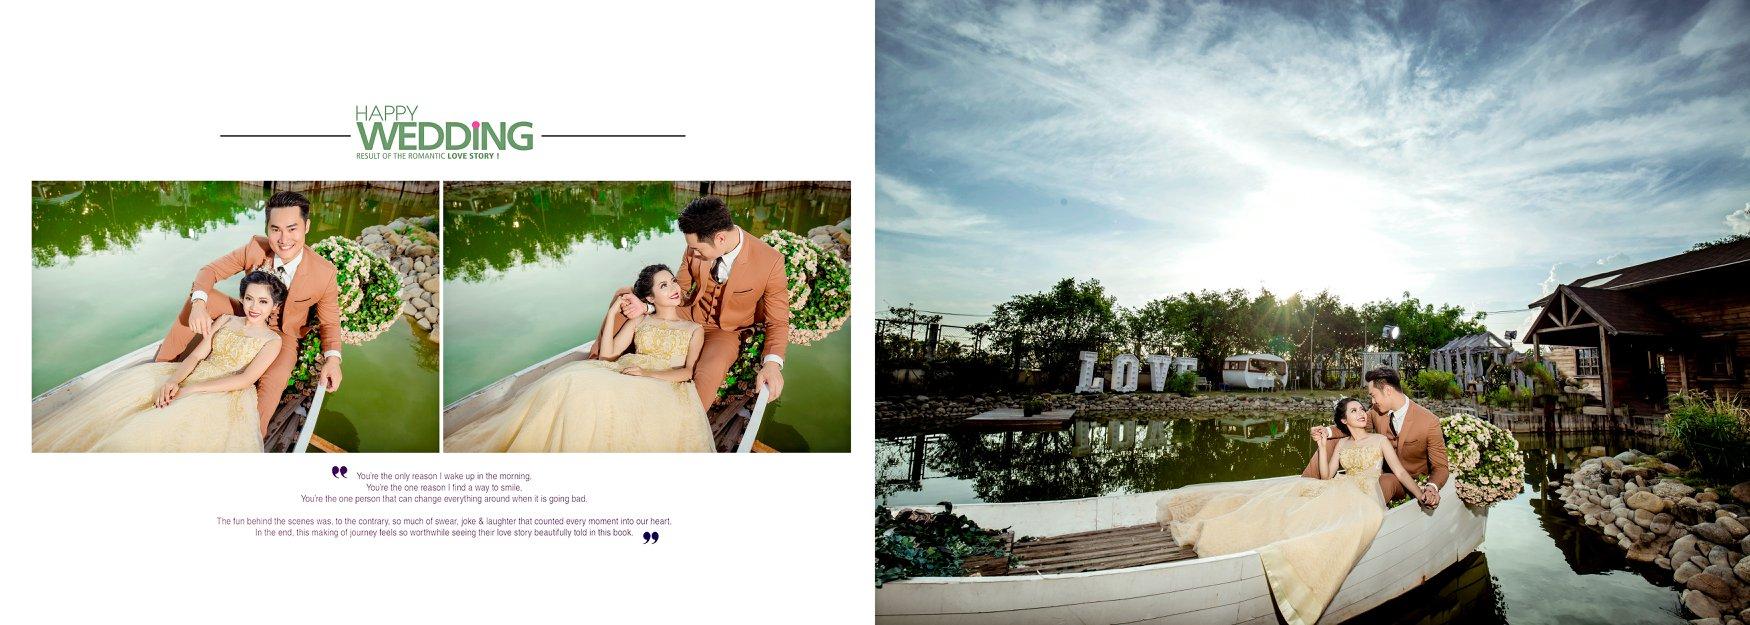 studio chụp ảnh cưới ở Bình Dương